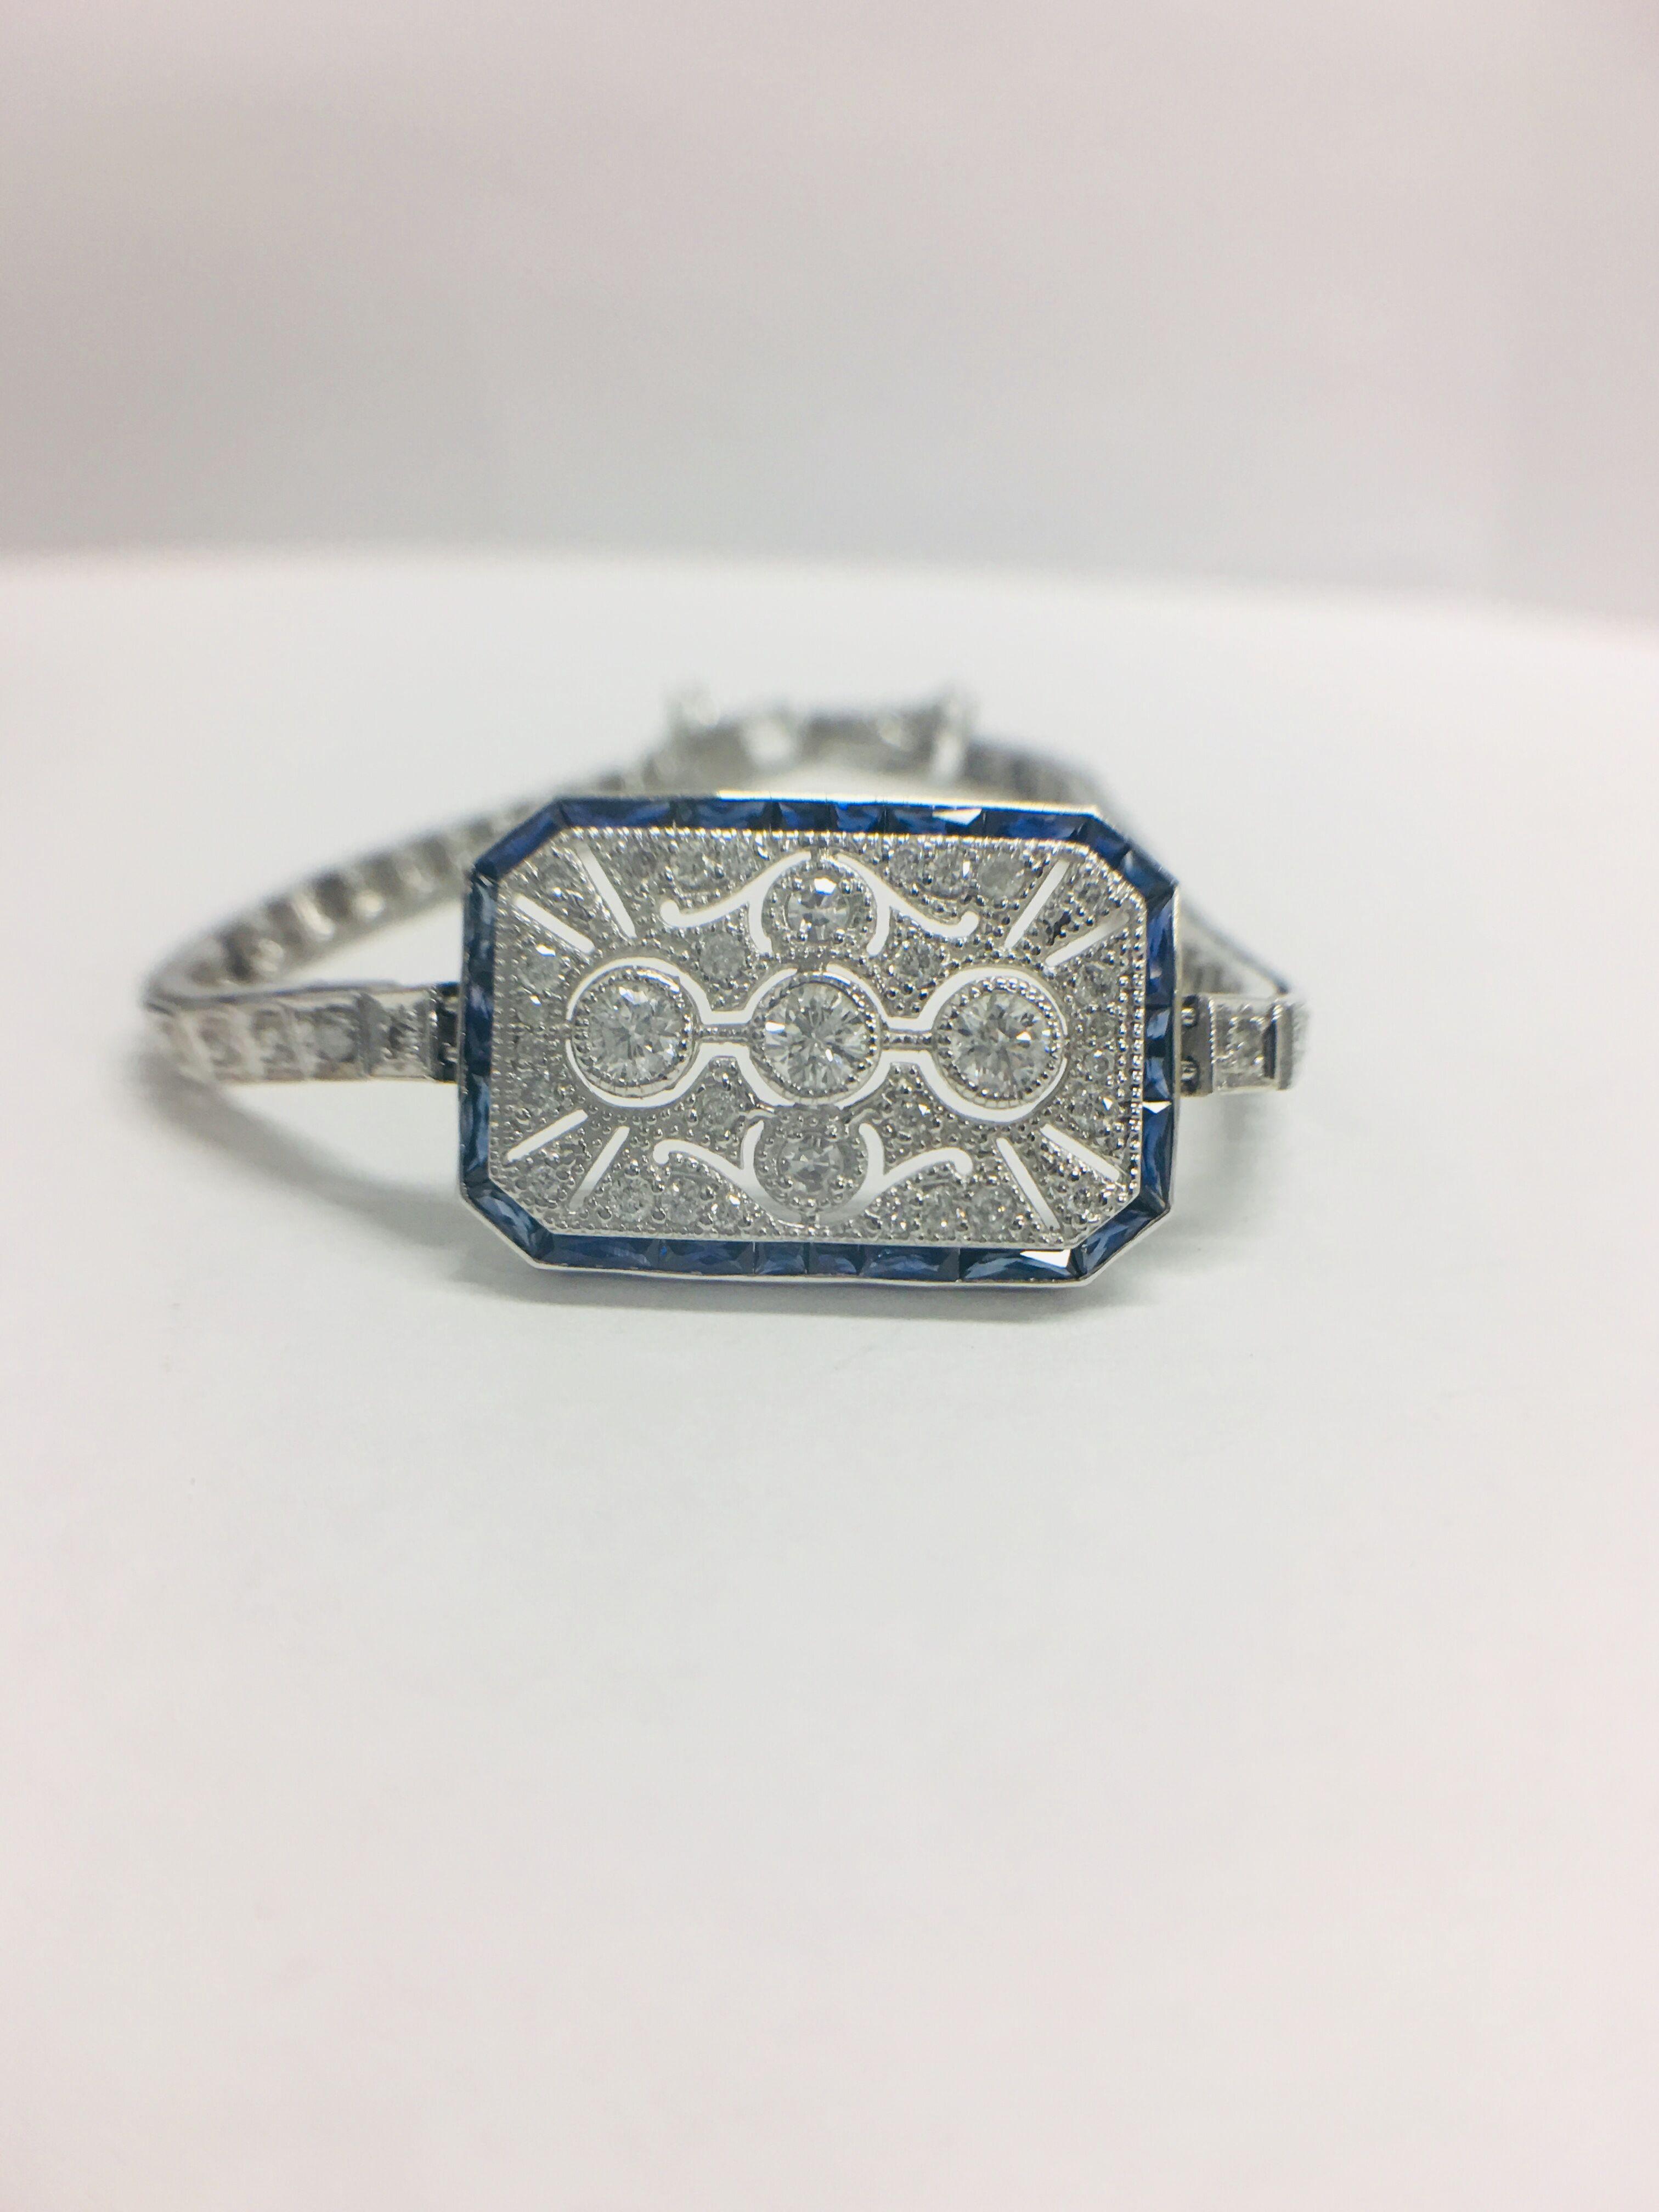 Platinum Cocktail Bracelet - Image 2 of 12